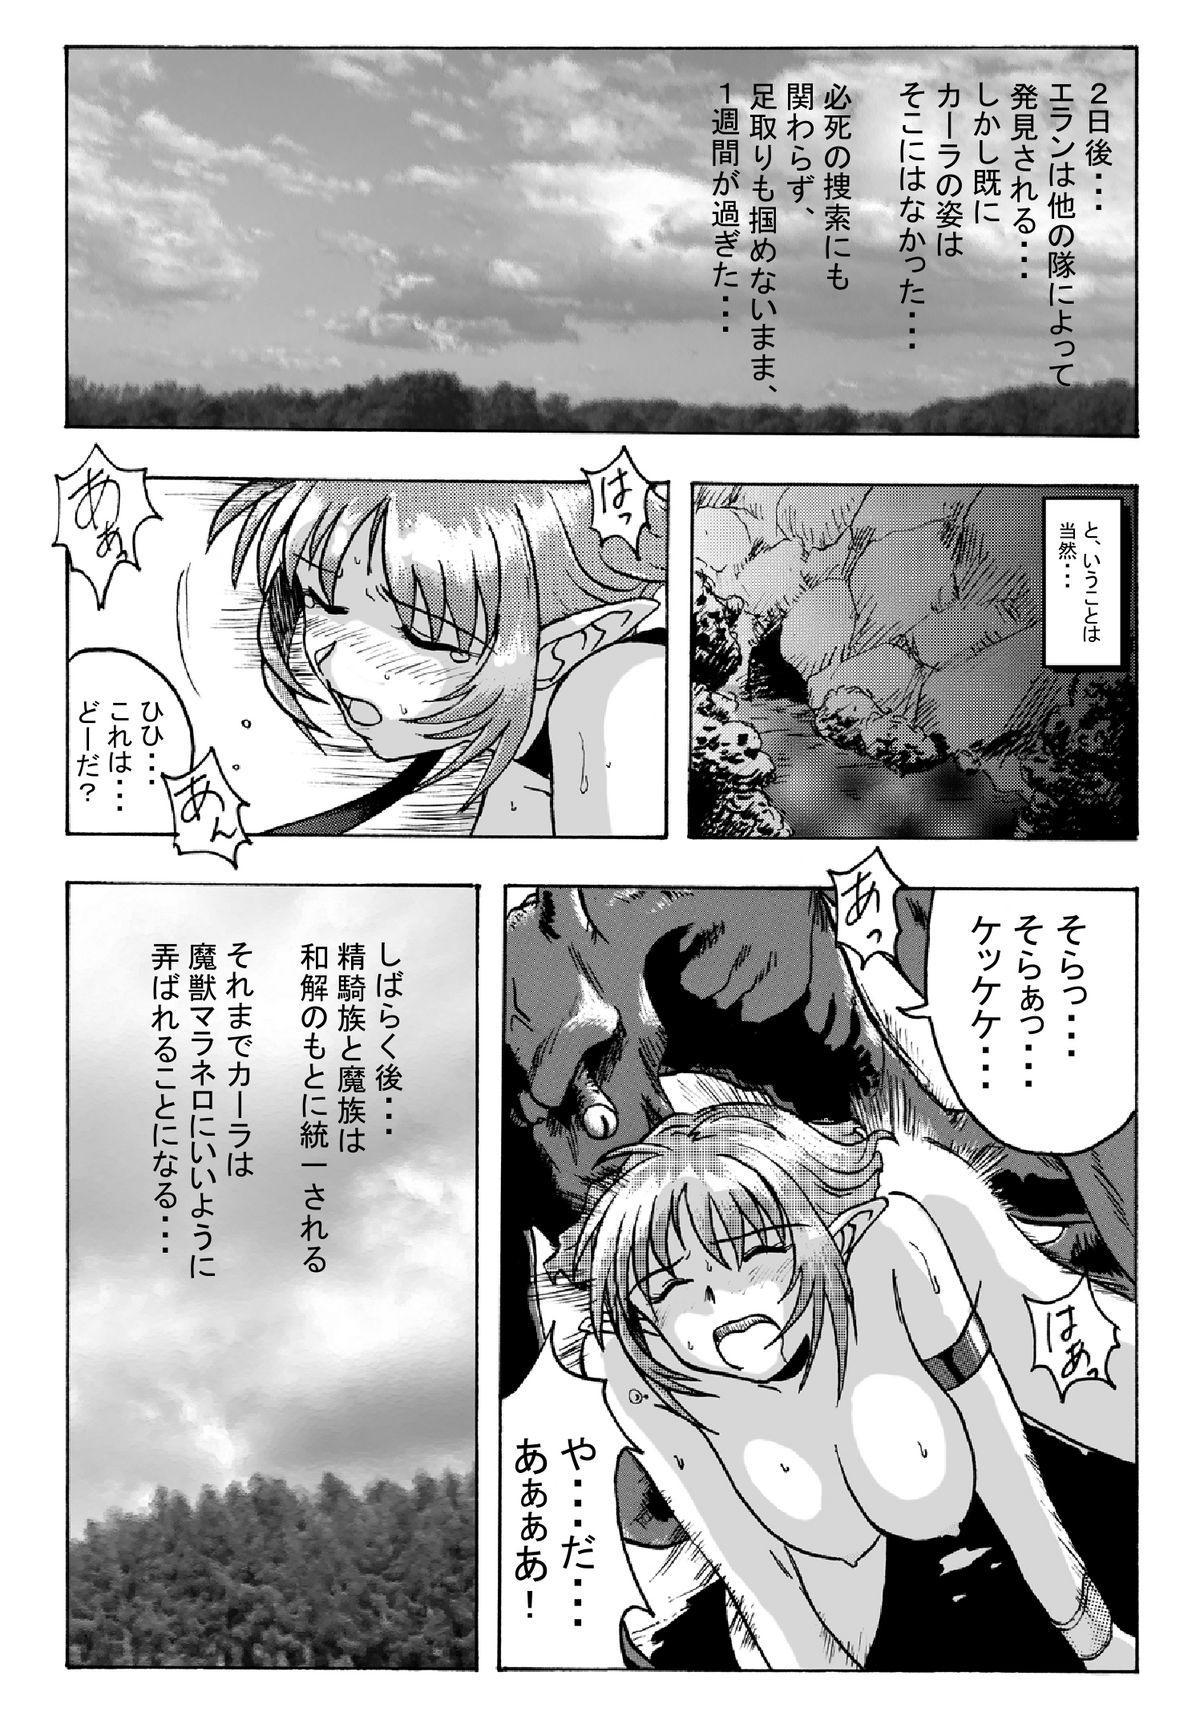 Hanamichi Azemichi Vol. 2 13